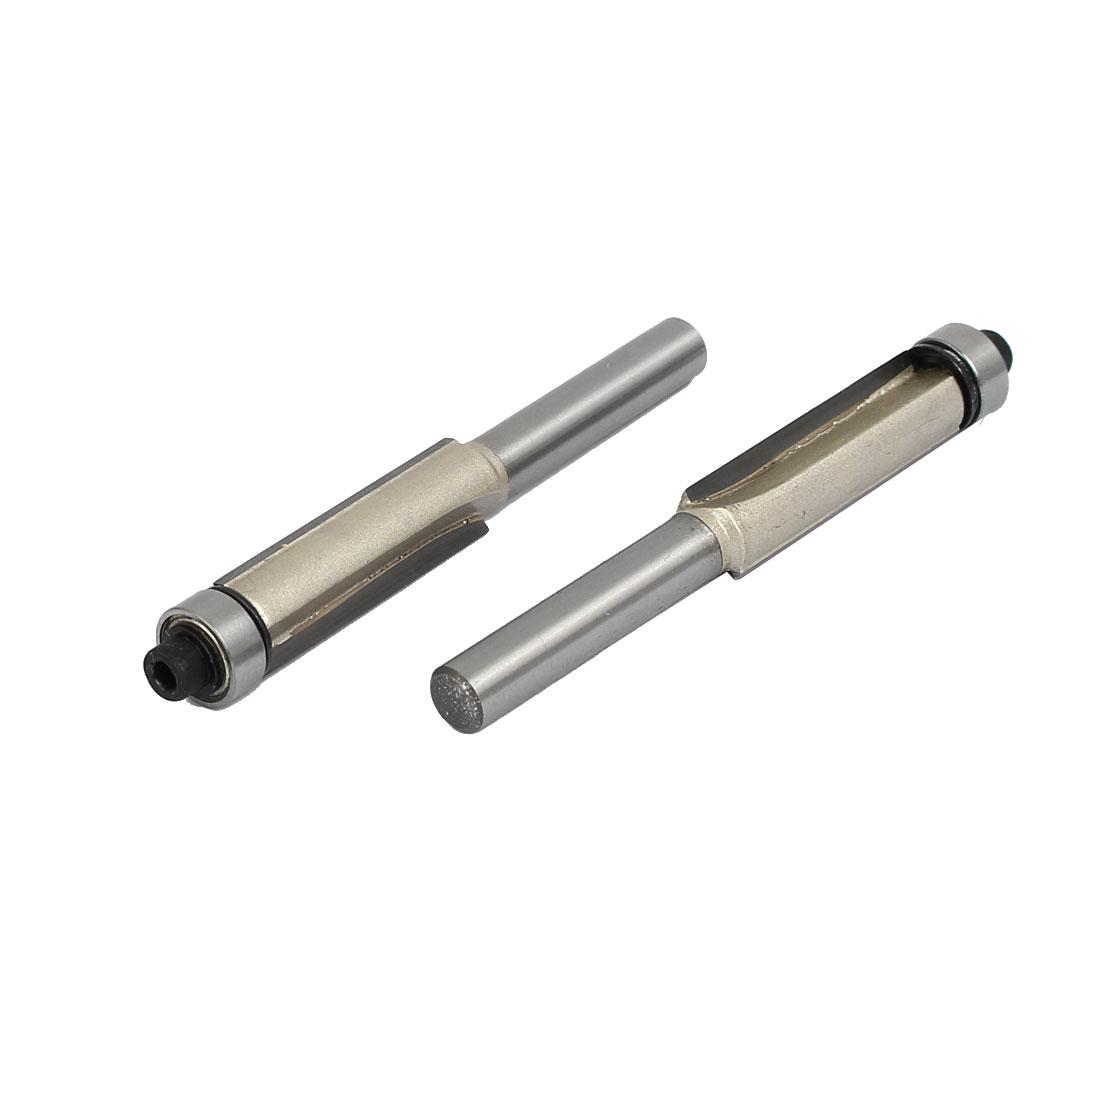 """1/4"""" Shank Diameter 3/8"""" Cutting Dia Double Flute Bearing Flush Trim Bits 2pcs"""